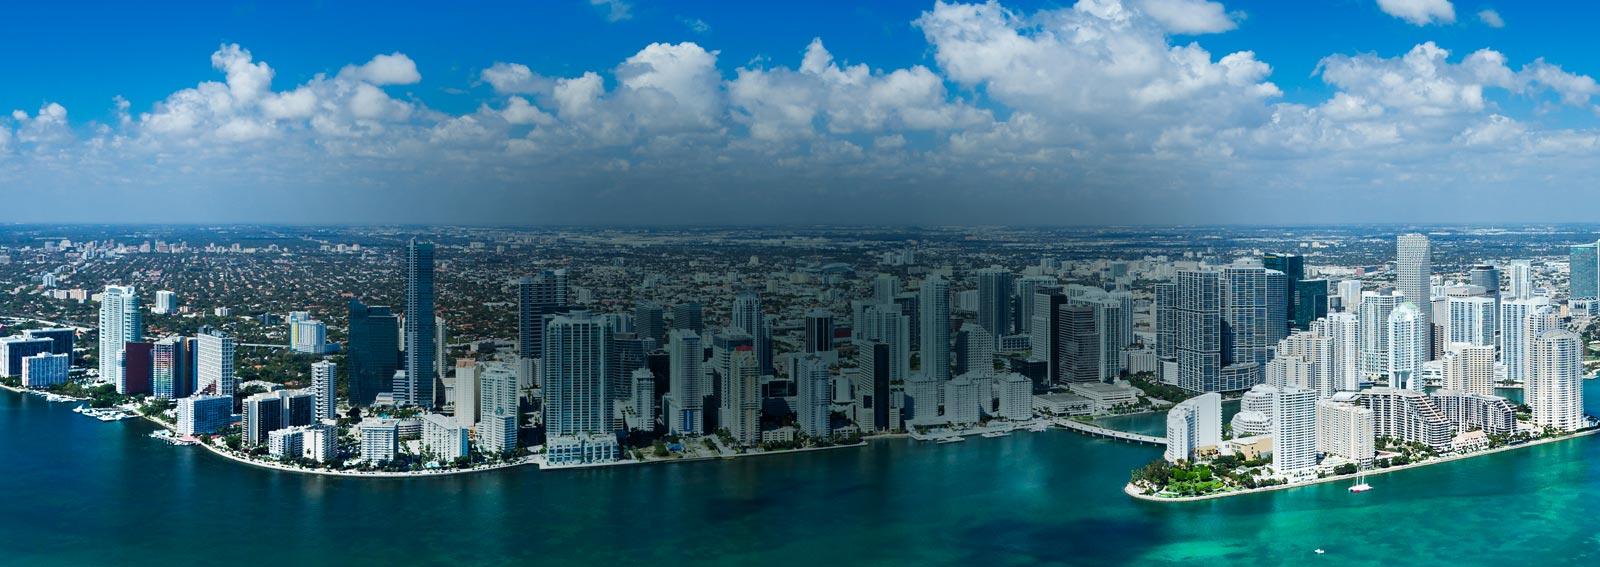 صوره اجمل صور ميامي فلوريدا